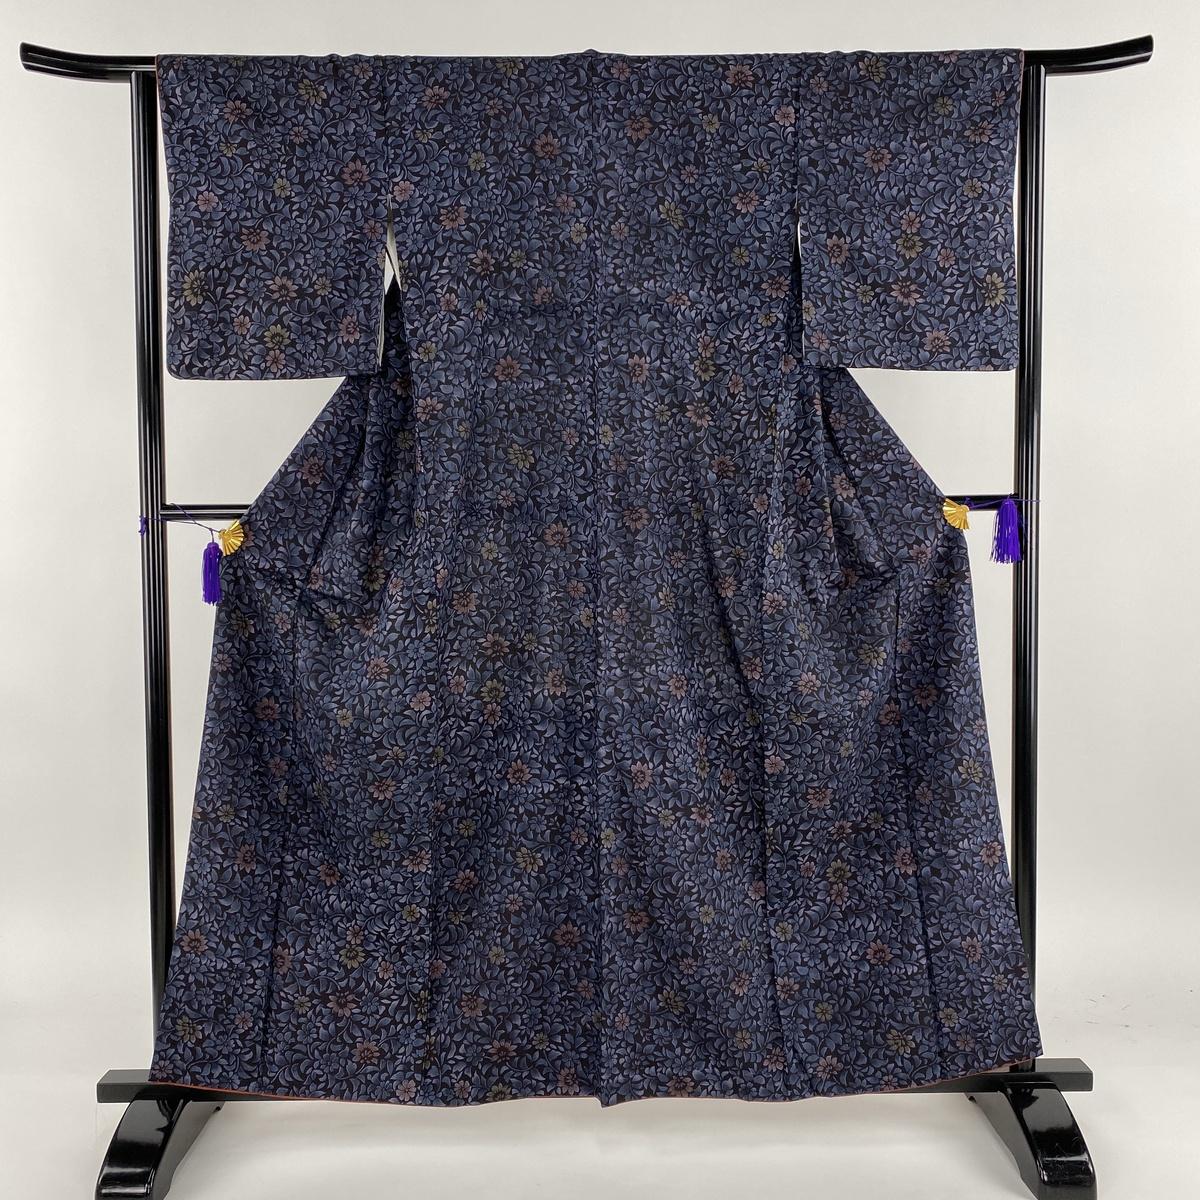 小紋 美品 秀品 紬地 草花 藍色 袷 身丈160.5cm 裄丈63cm S 正絹 【中古】